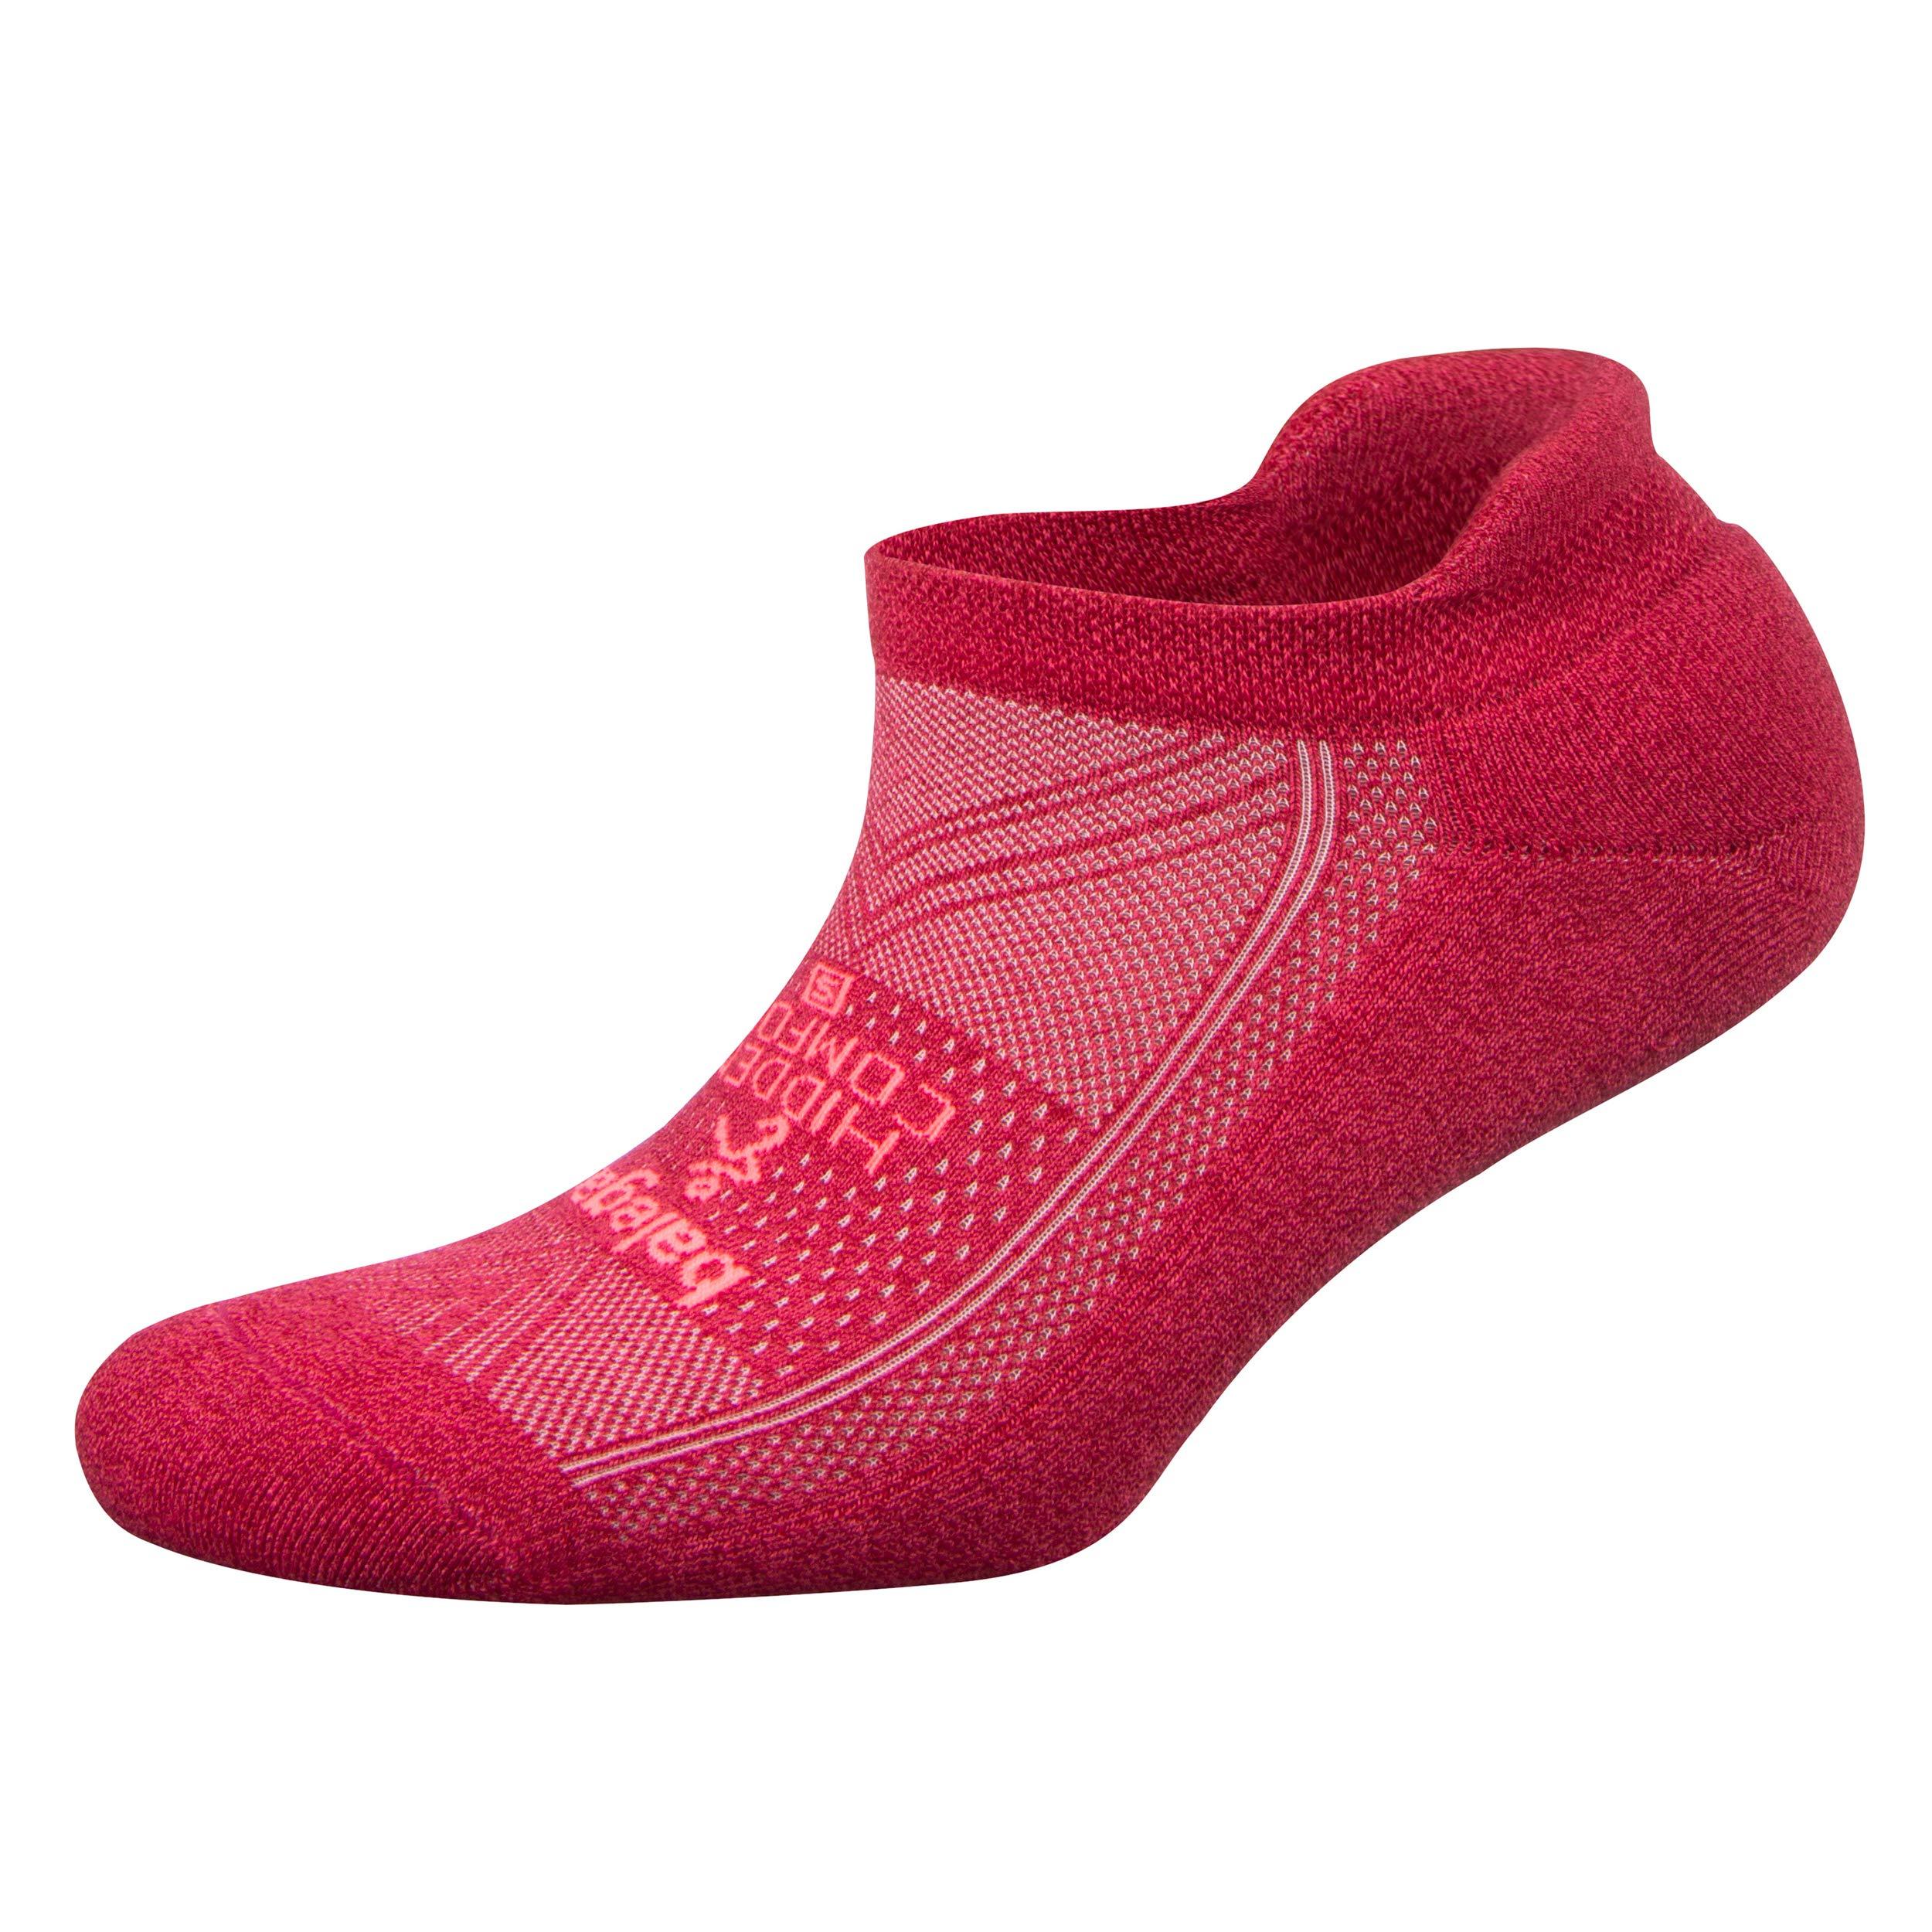 Balega Hidden Comfort No-Show Running Socks for Men and Women (1 Pair), Cupid, Medium